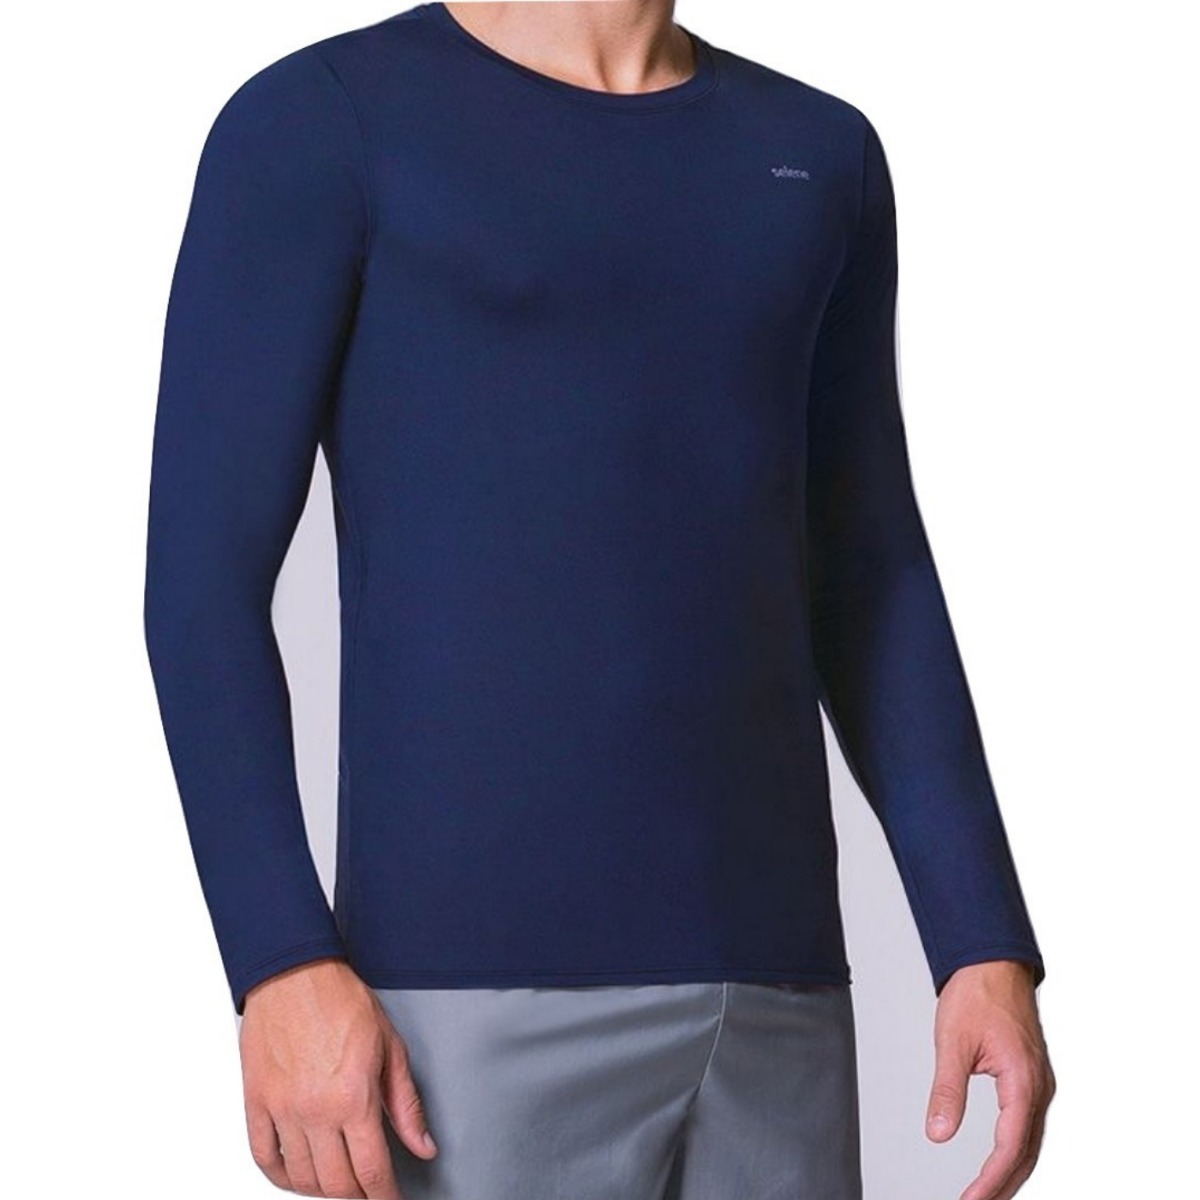 a15a255614db6d camisa manga longa proteção solar uv50+ selene masculino. Carregando zoom.